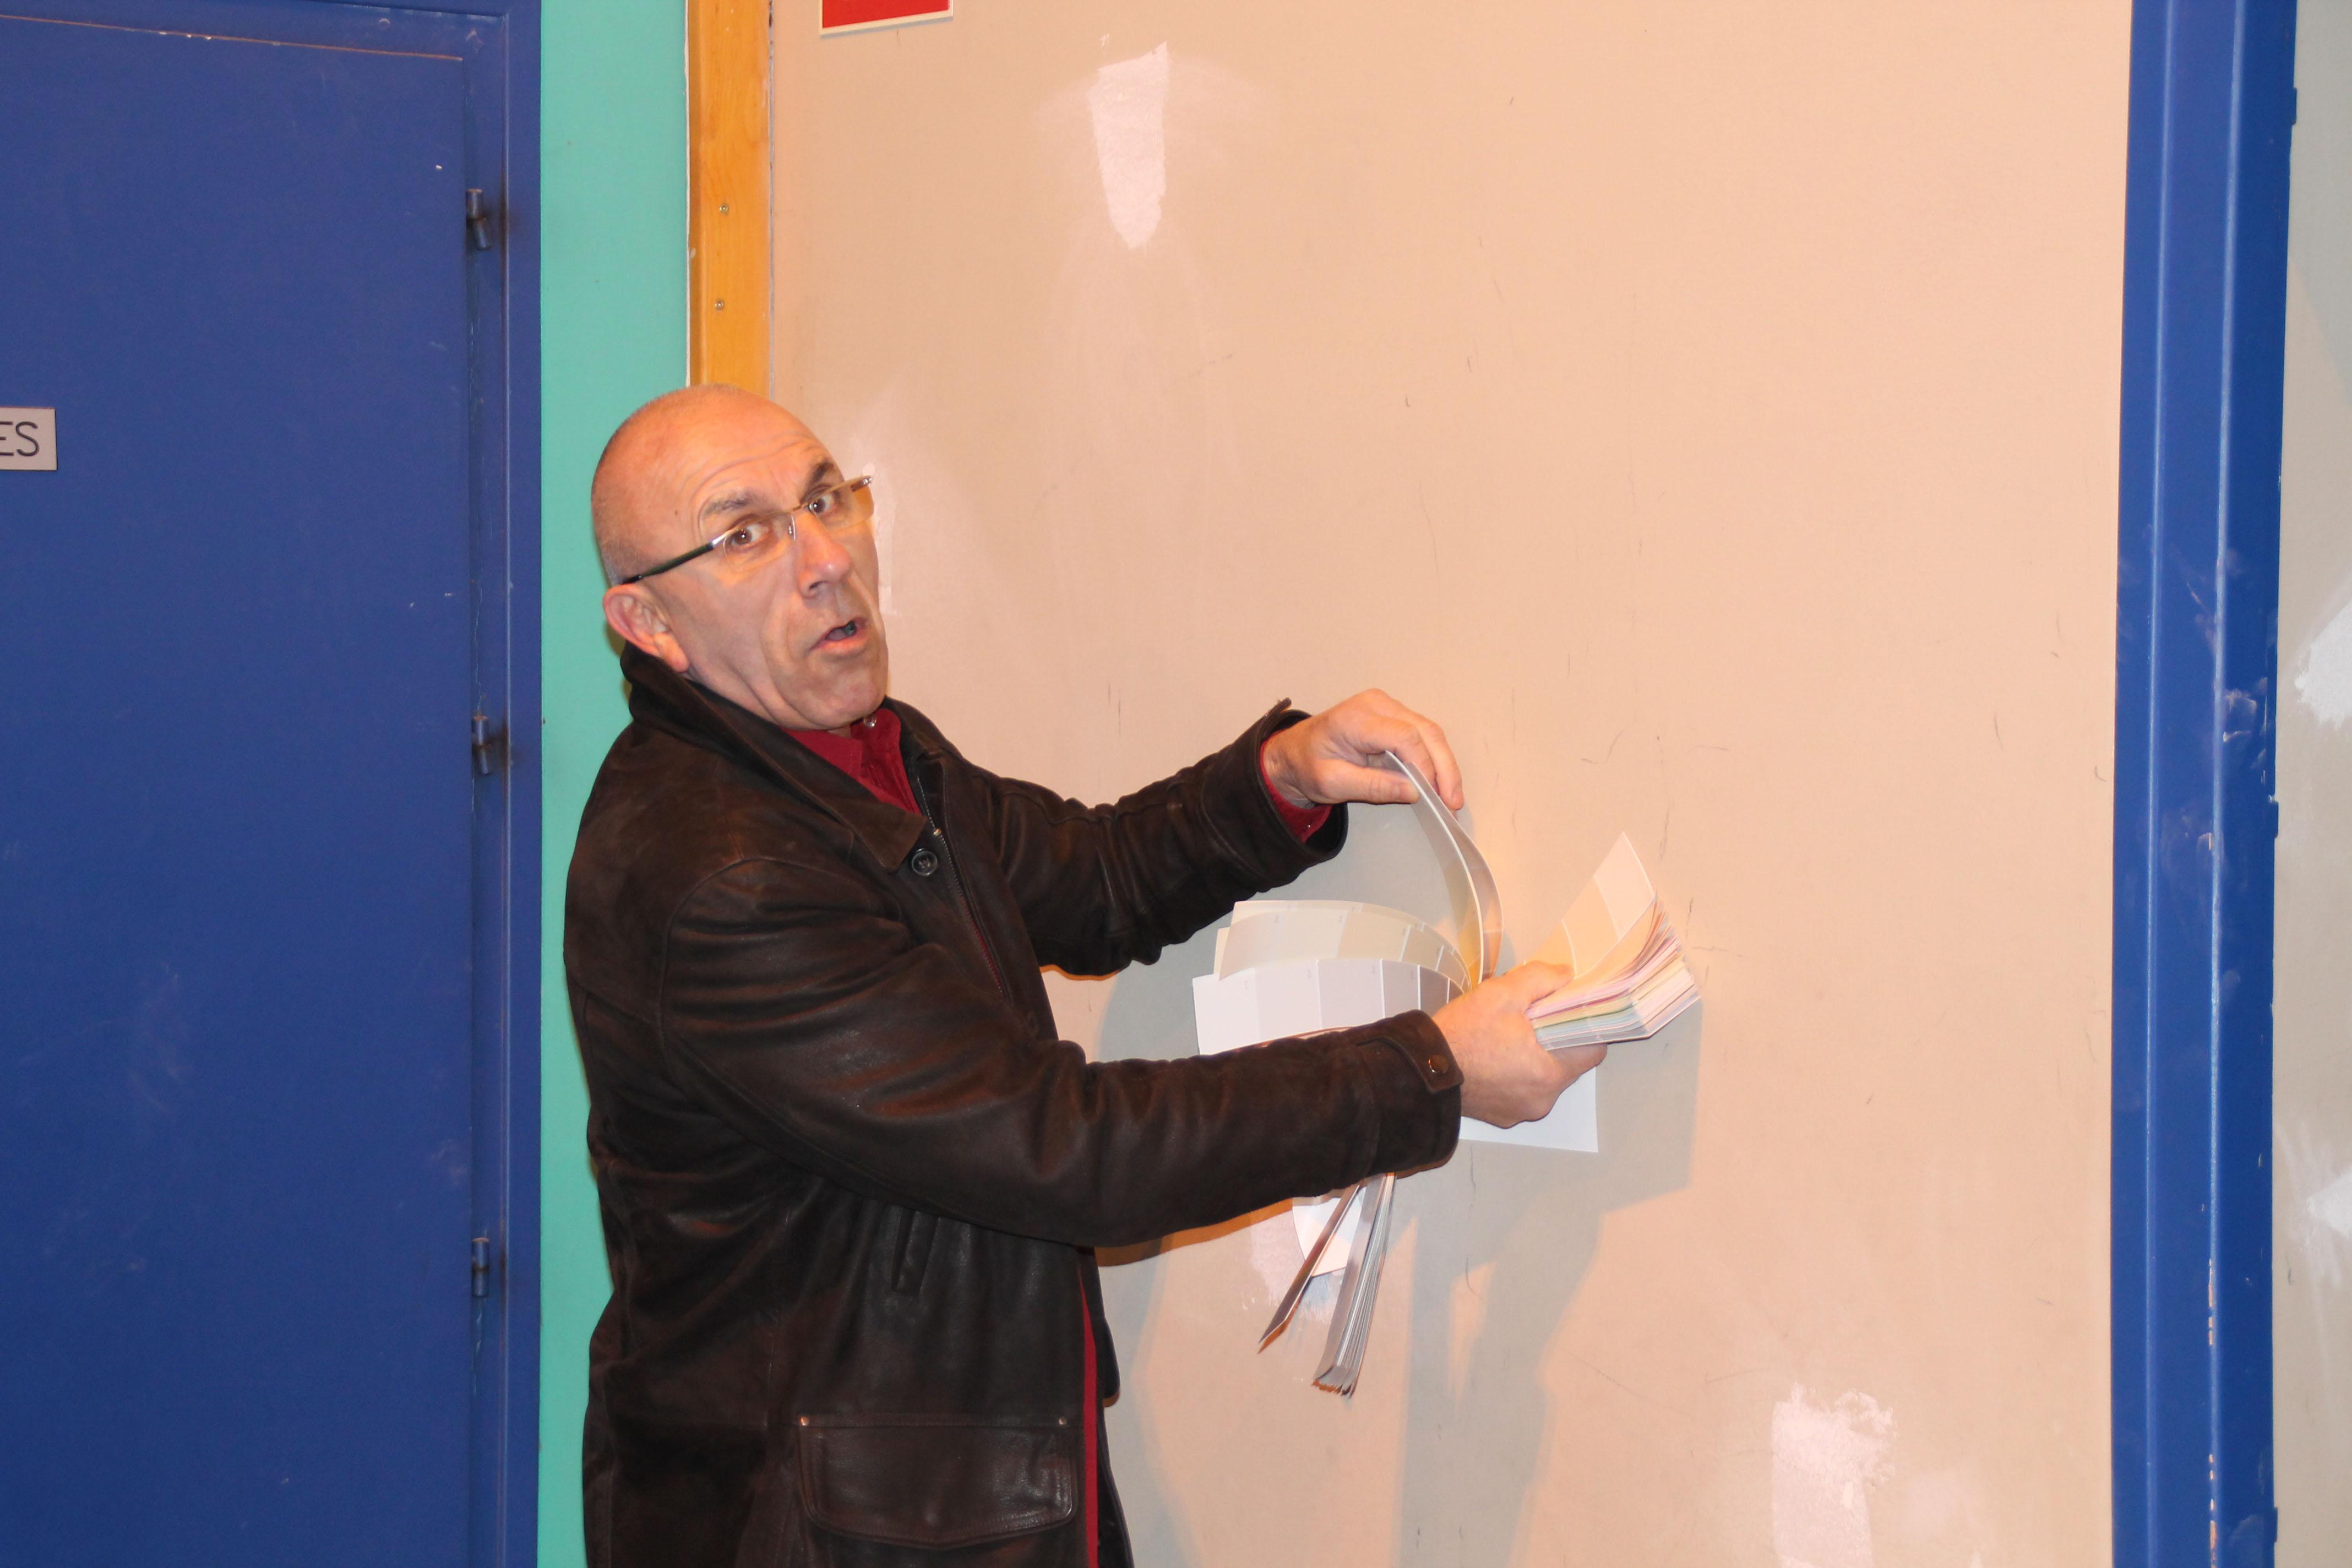 Remi Meuriot, Chef de service des chantiers educatifs -le choix des couleurs